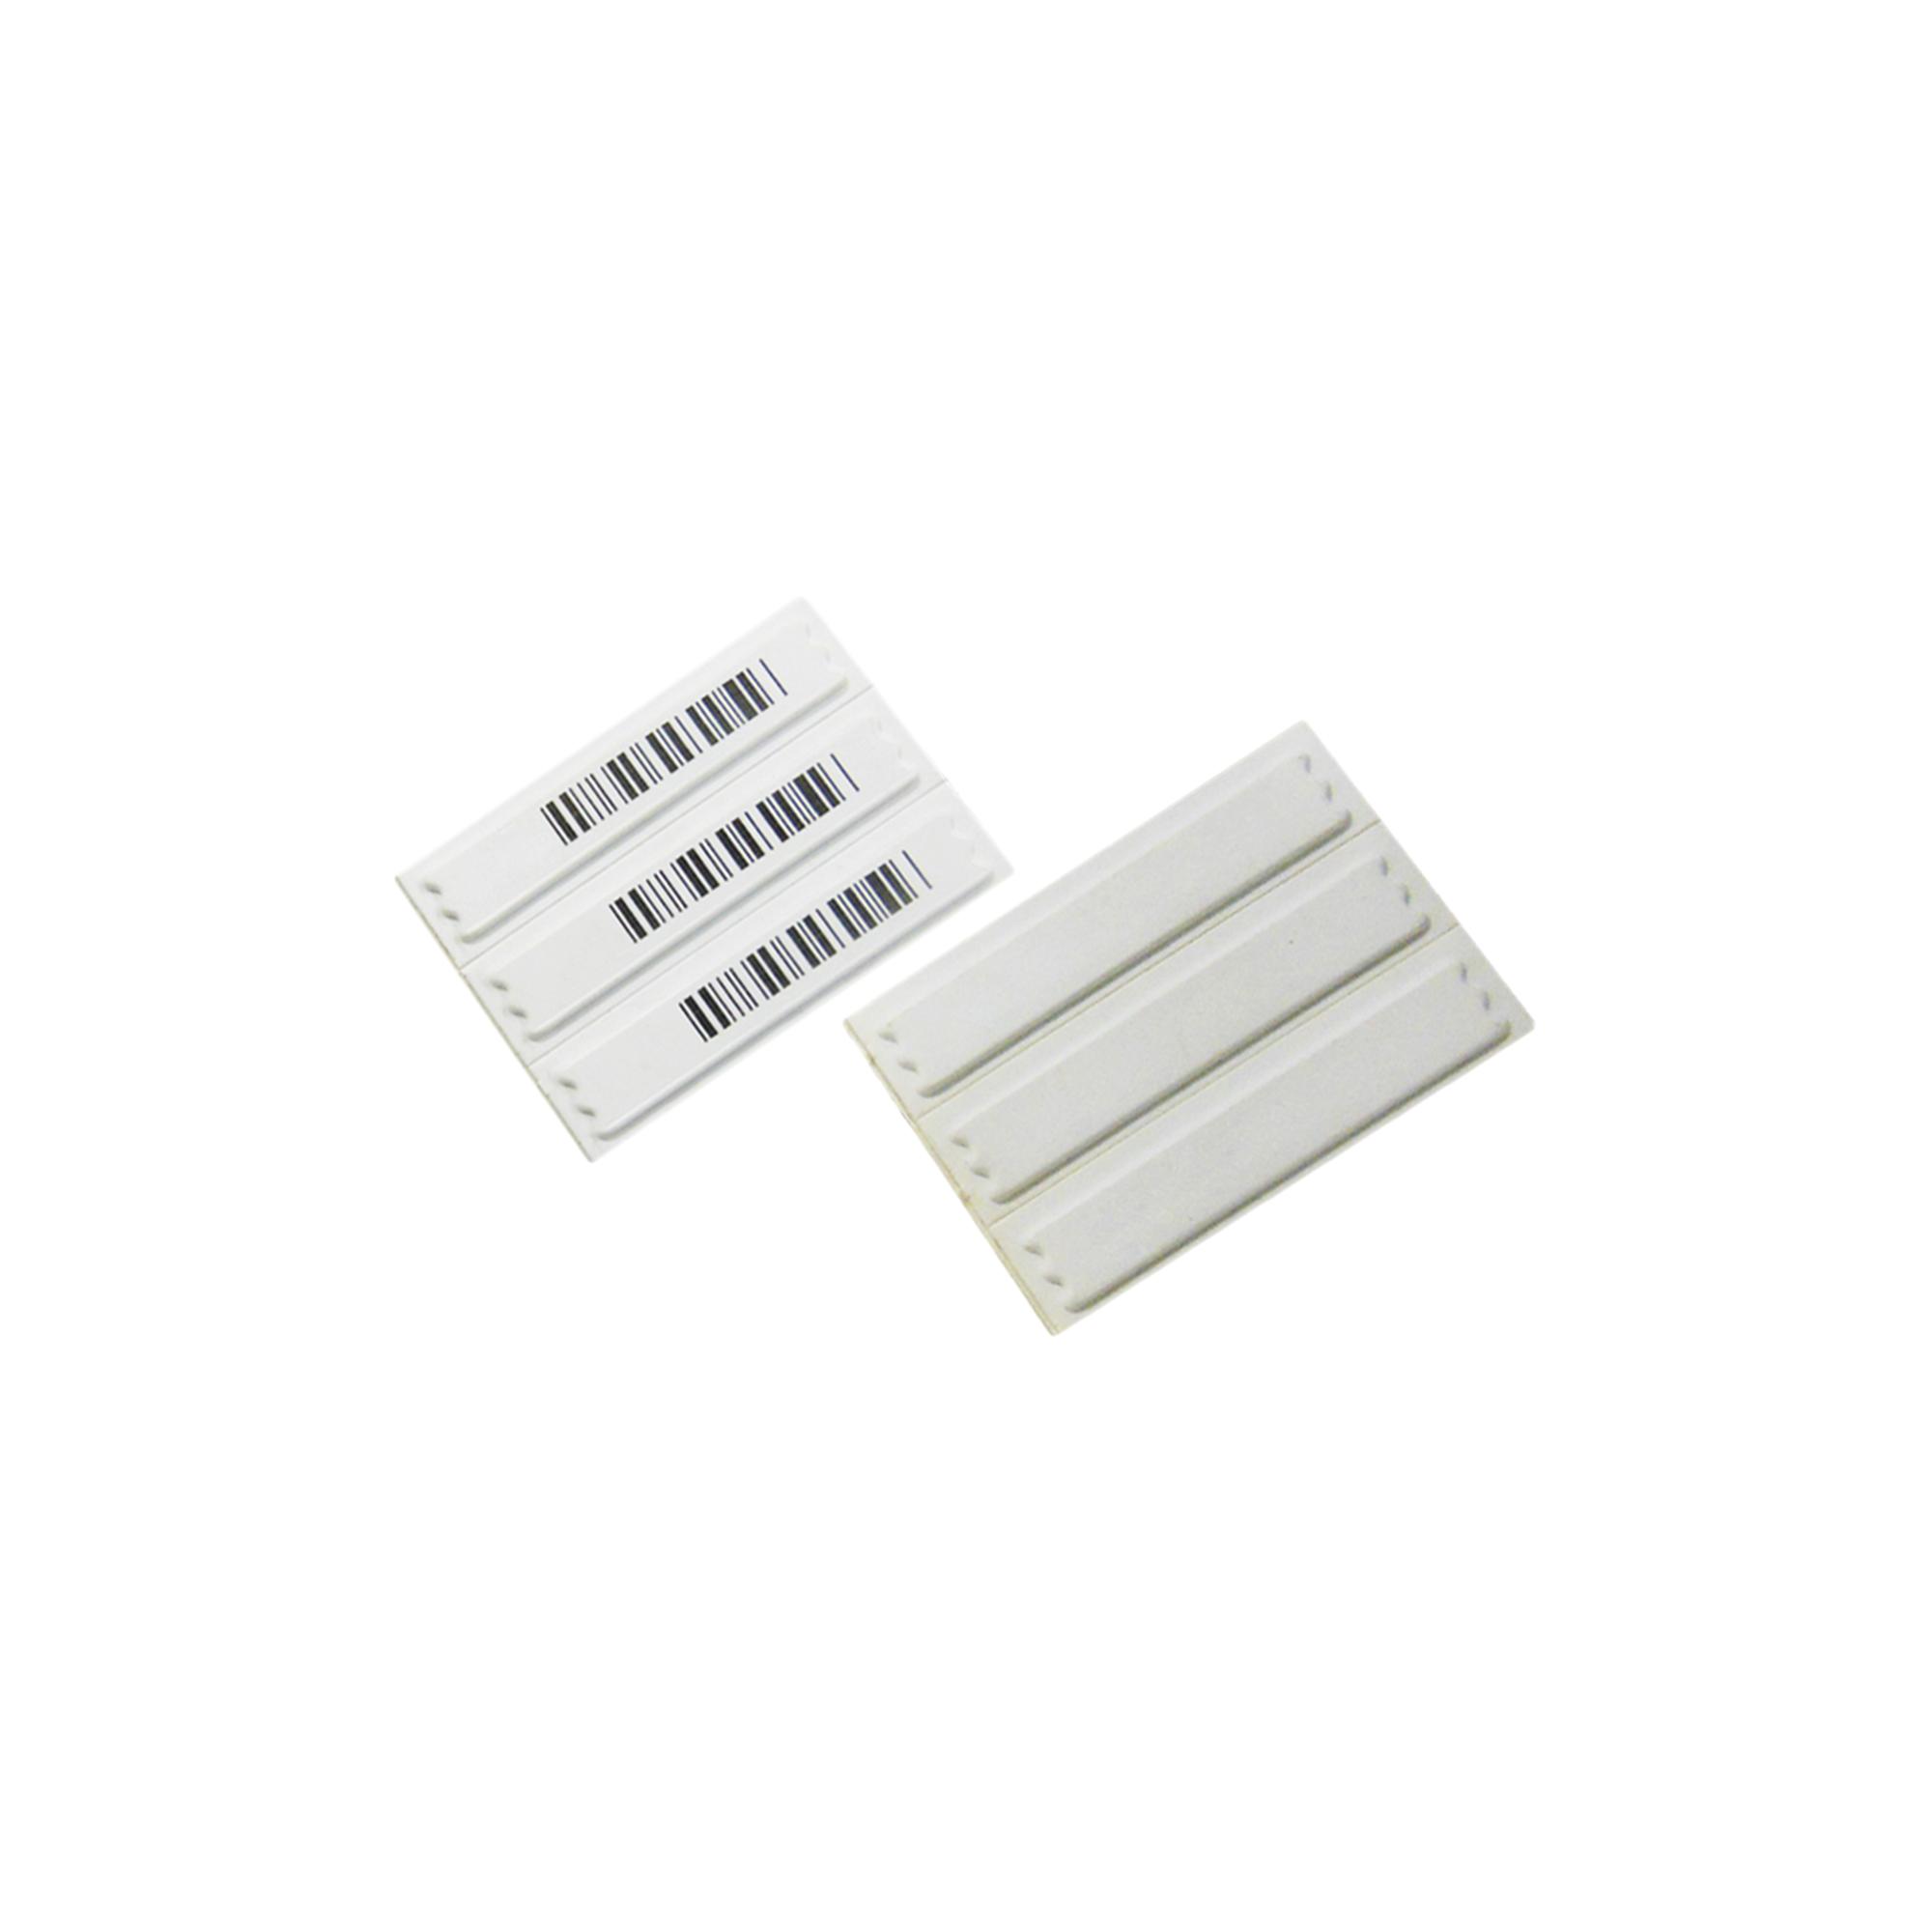 Paquete de 100 Etiquetas Adheribles / En plástico  / AM (Acustic Magnetic) / 58 KHz